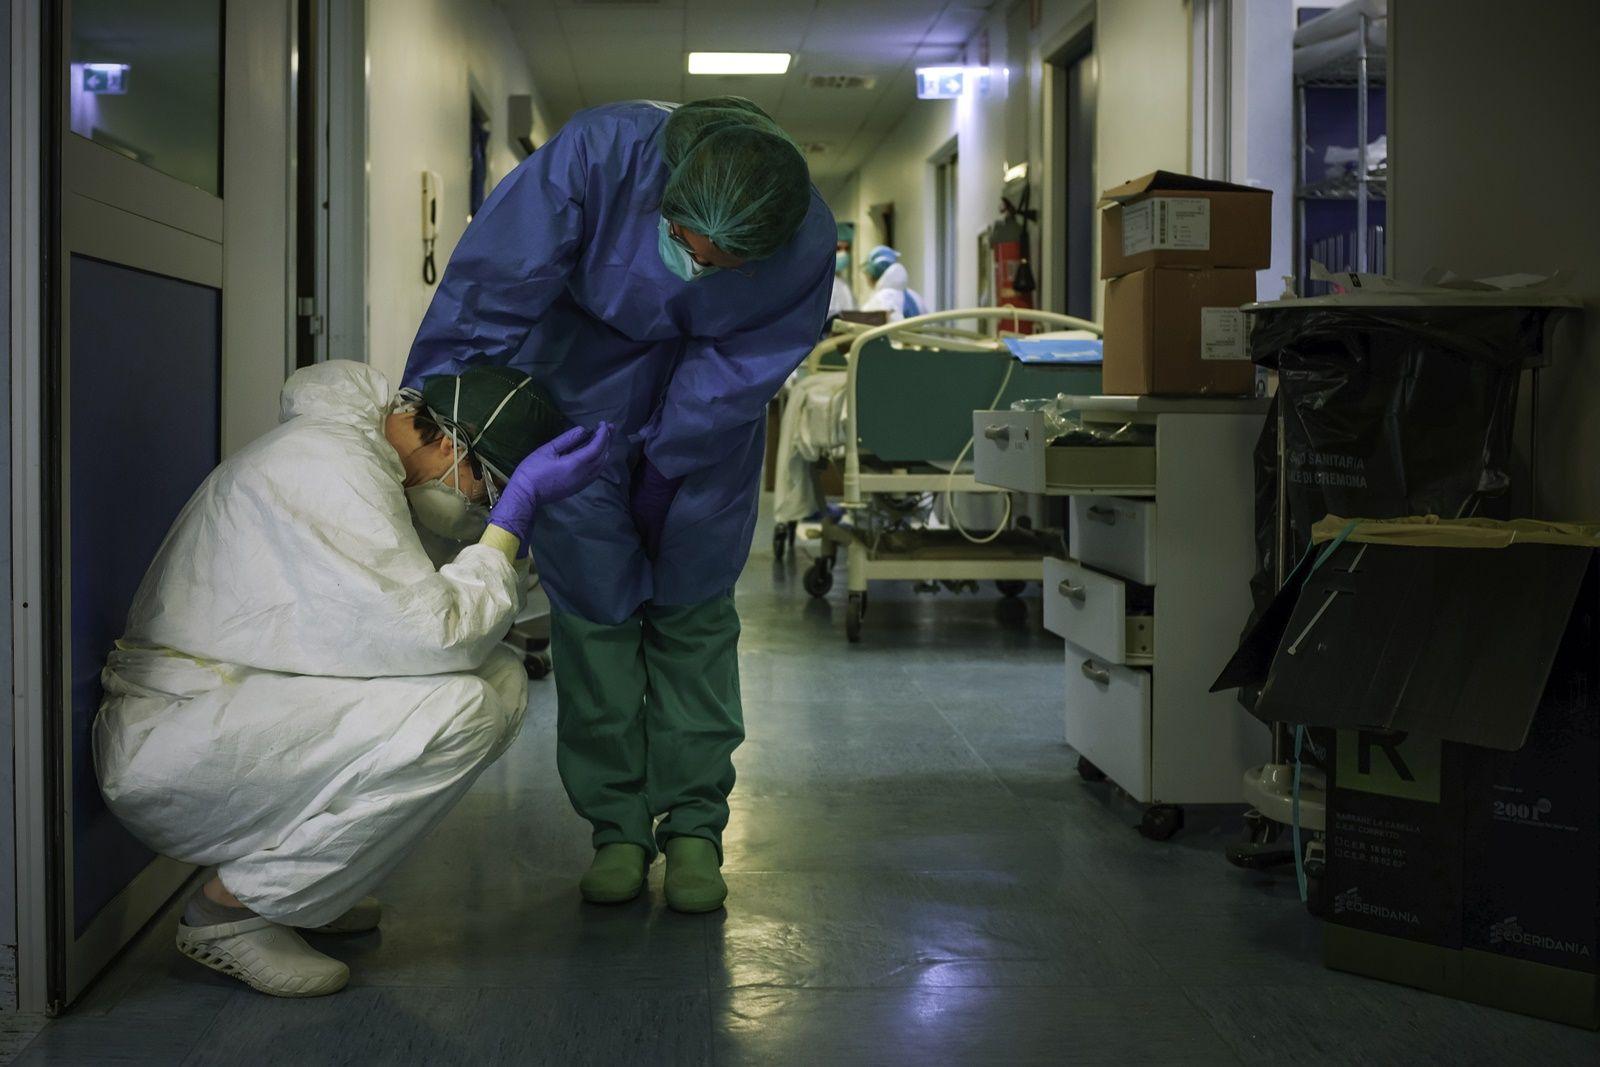 AFP-แพทย์ในโรงพยาบาลอิตาลีสู้โควิด-ไวรัสโคโรนา-COVID-ชุดป้องกัน อุปกรณ์การแพทย์-หมอ-โรงพยาบาล.jpg